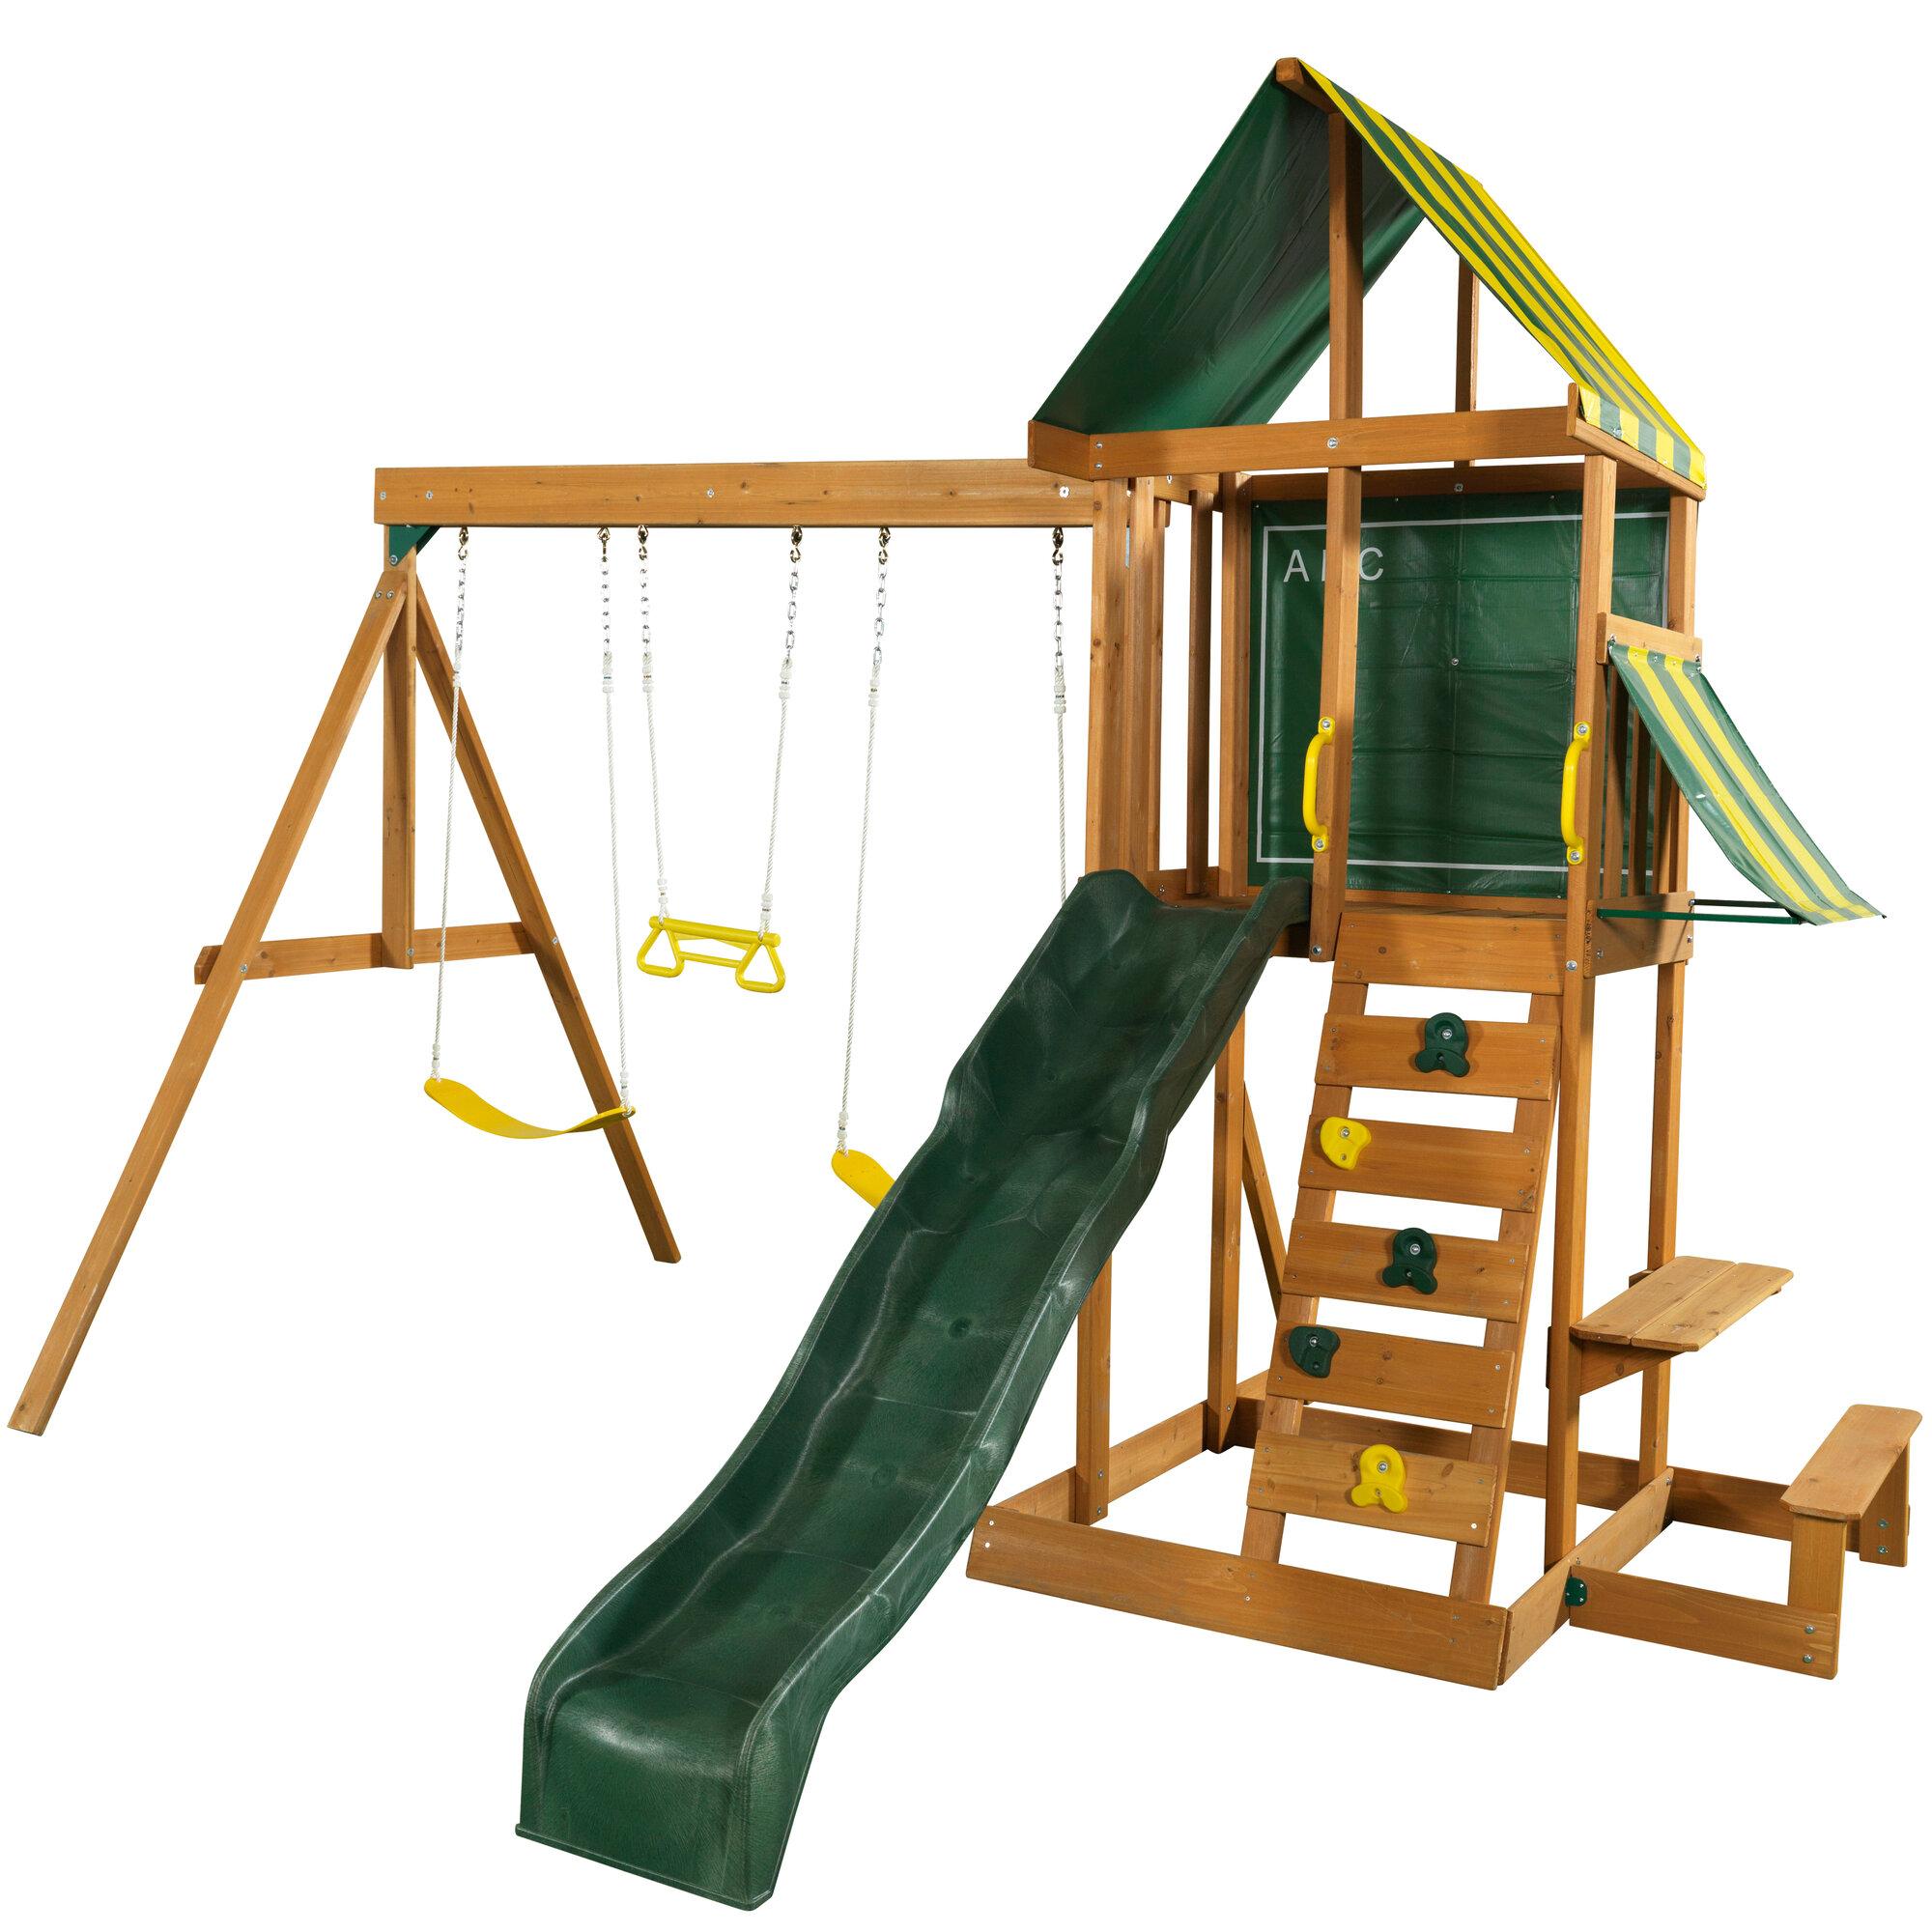 Kidkraft Spring Meadow Wooden Swing Set 875257240109 Ebay